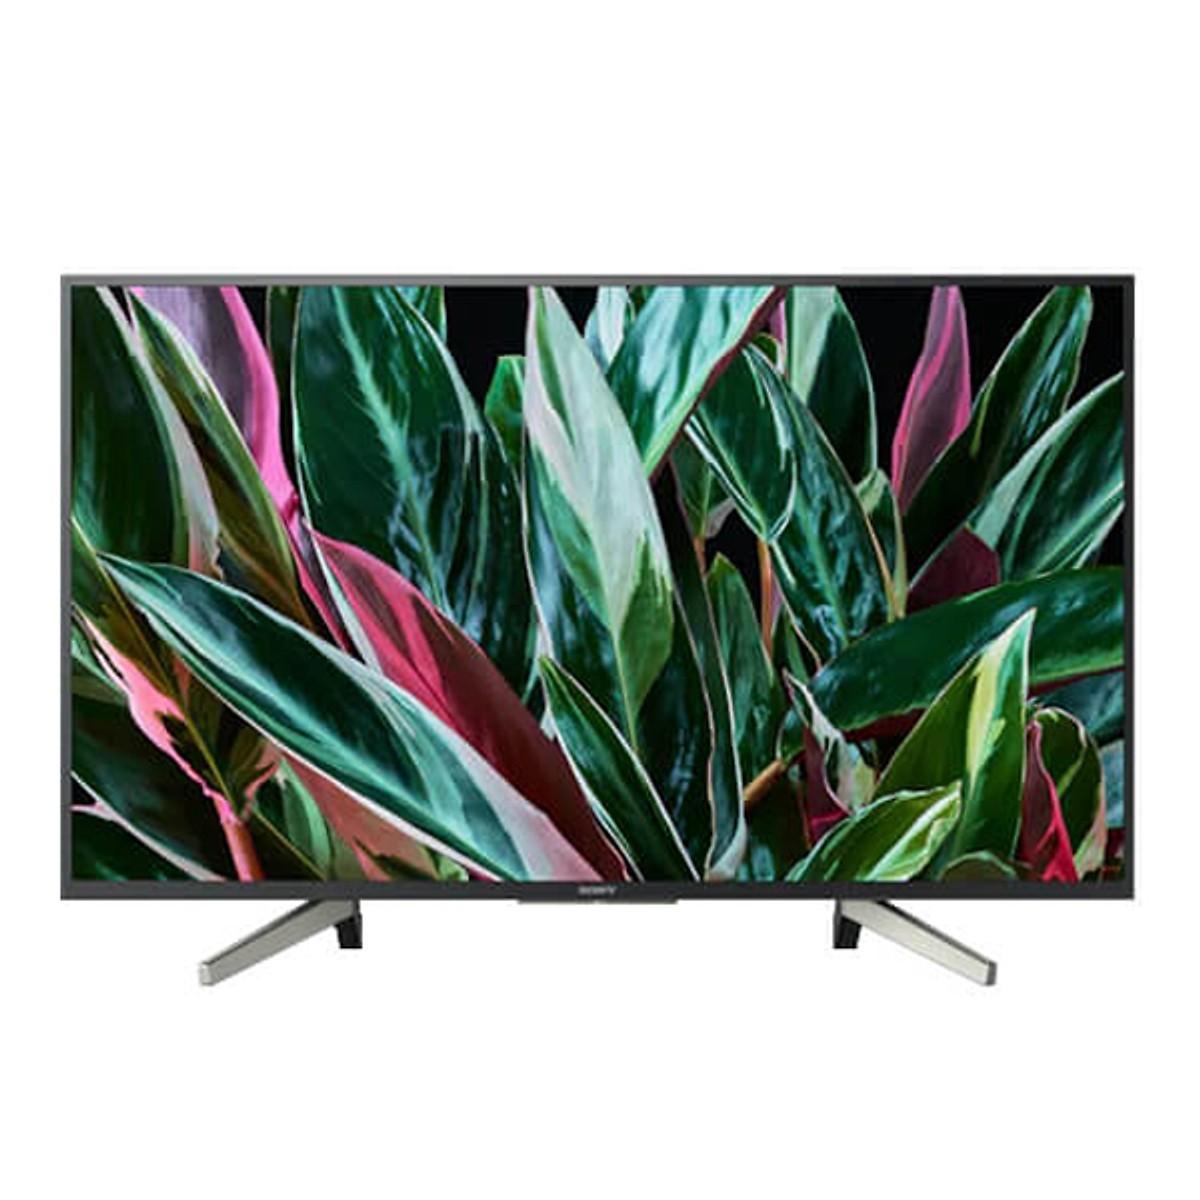 Bảng giá TIVI LED SONY KDL-49W800G - Hàng chính hãng - Âm thanh to, rõ với ClearAudio+, Hình ảnh sắc nét với độ phân giải Full HD